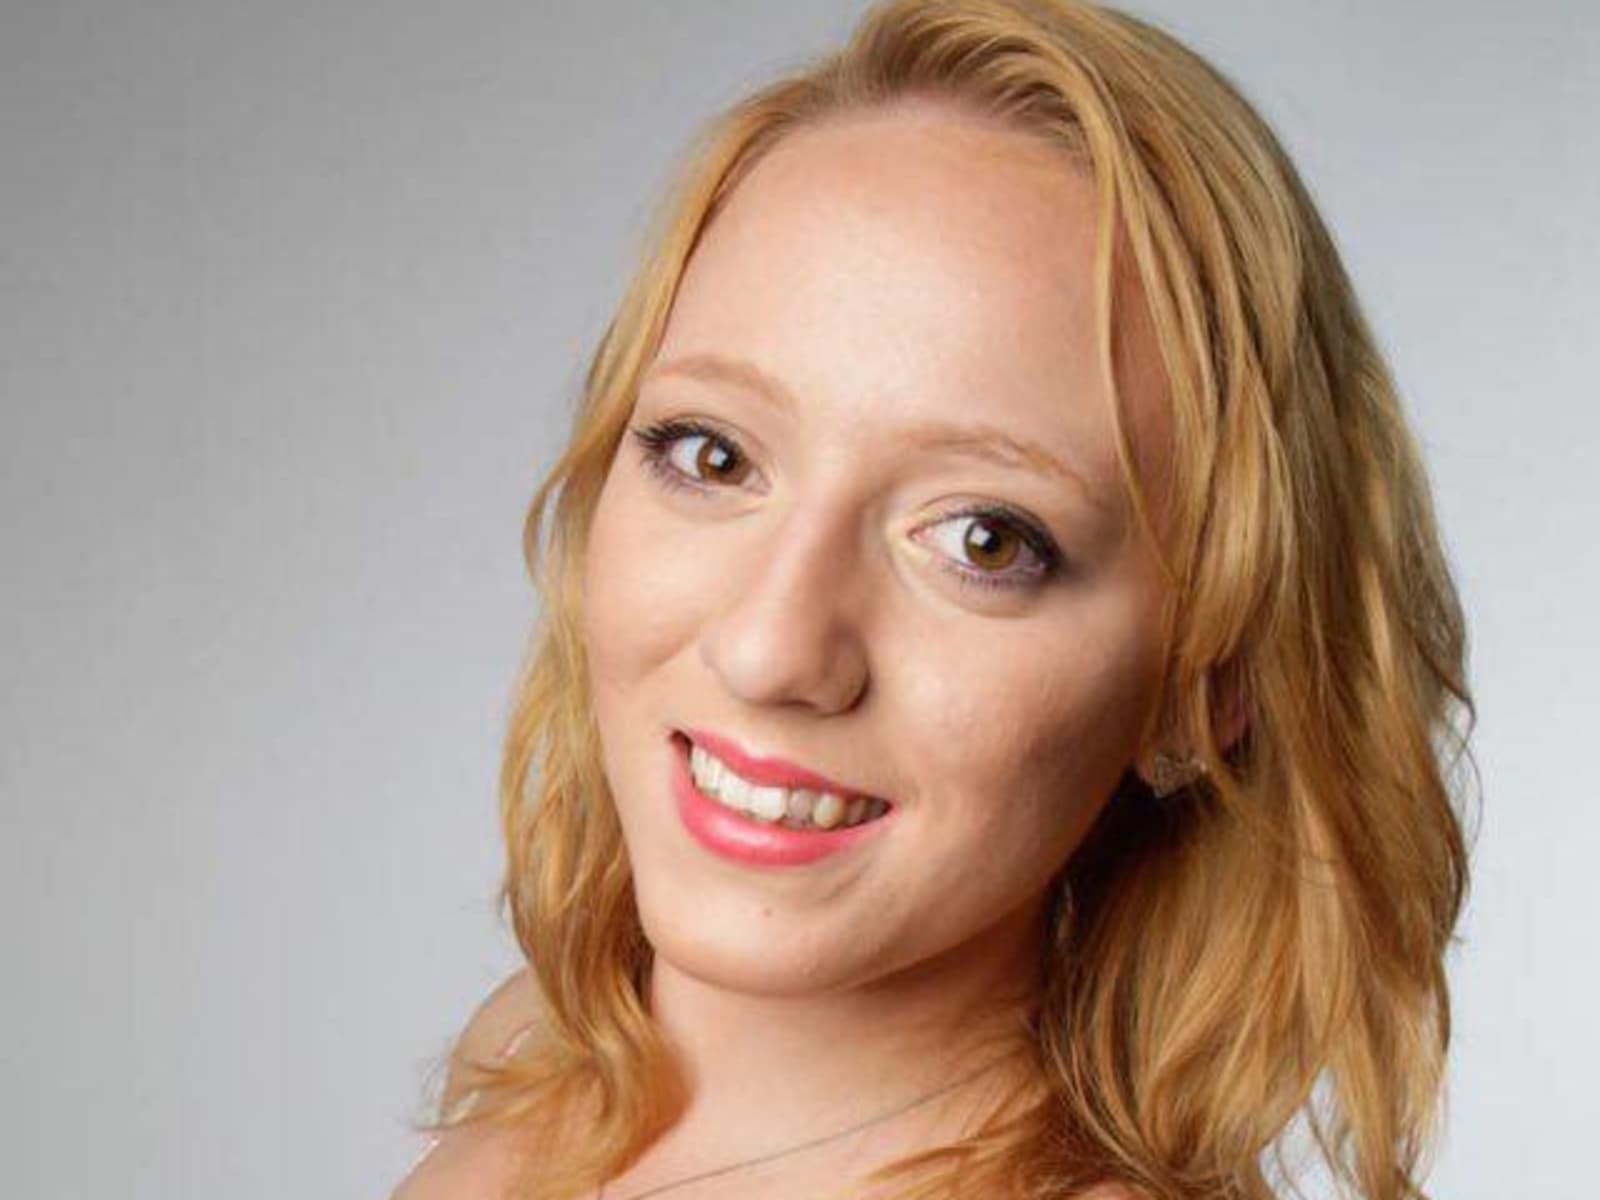 Michayla from Melbourne, Victoria, Australia